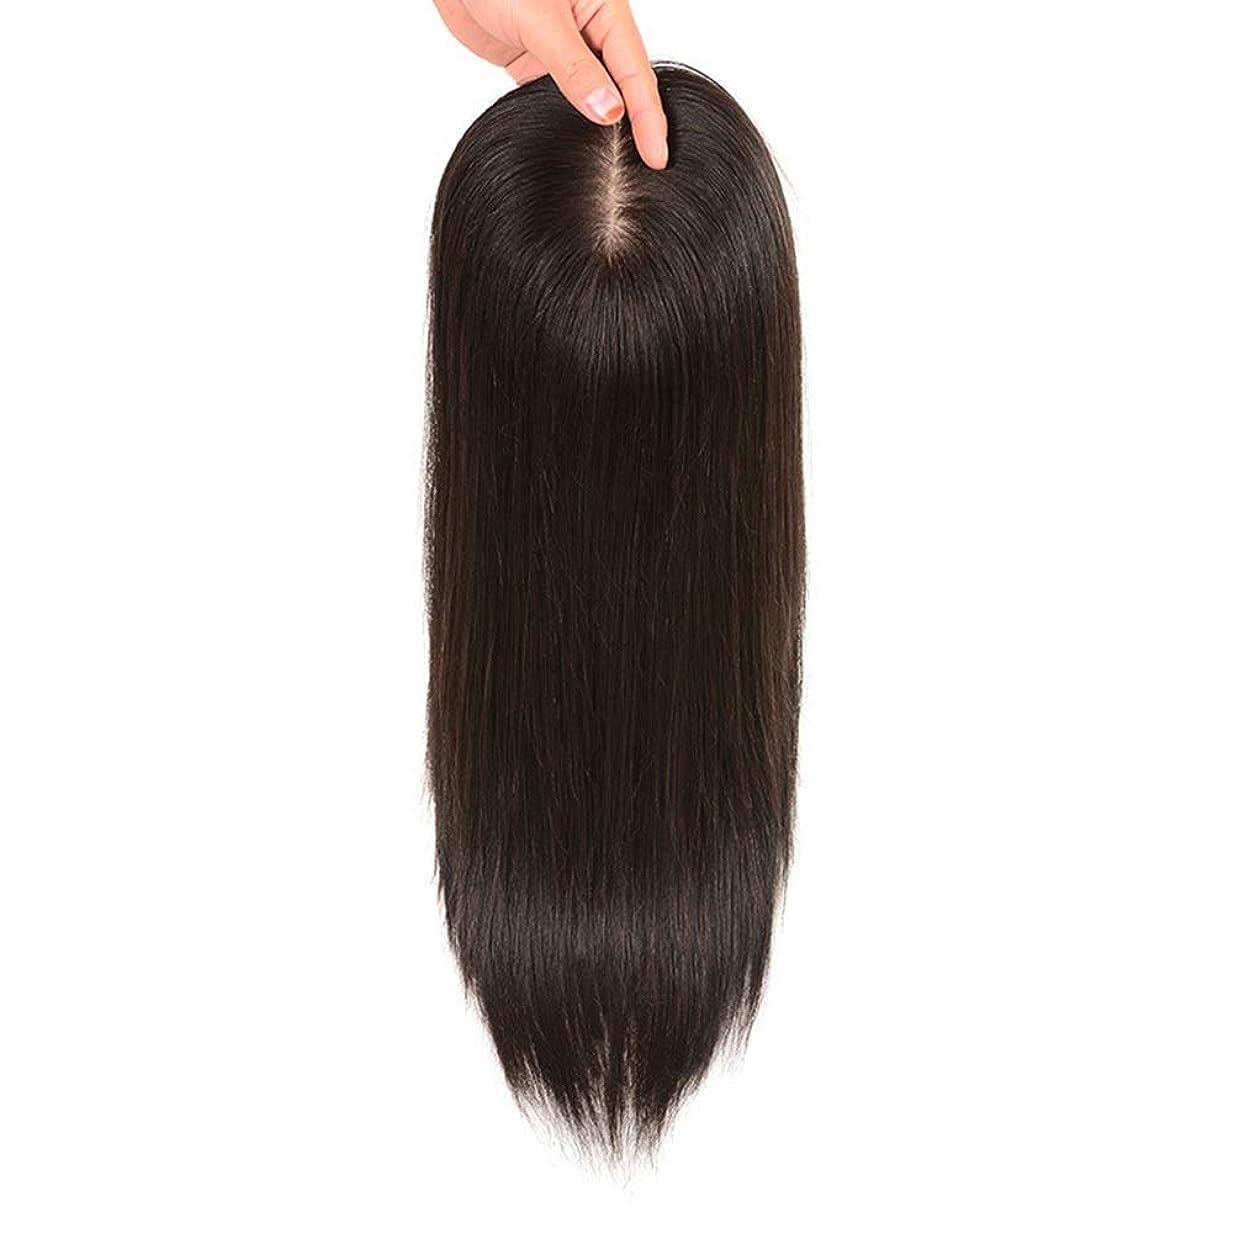 汗出力ペルメルHOHYLLYA 女性の長いストレートヘアクリップヘアエクステンションで髪をかつら見えないパーティーかつらを増やす (色 : Natural black, サイズ : [7x10]25cm)